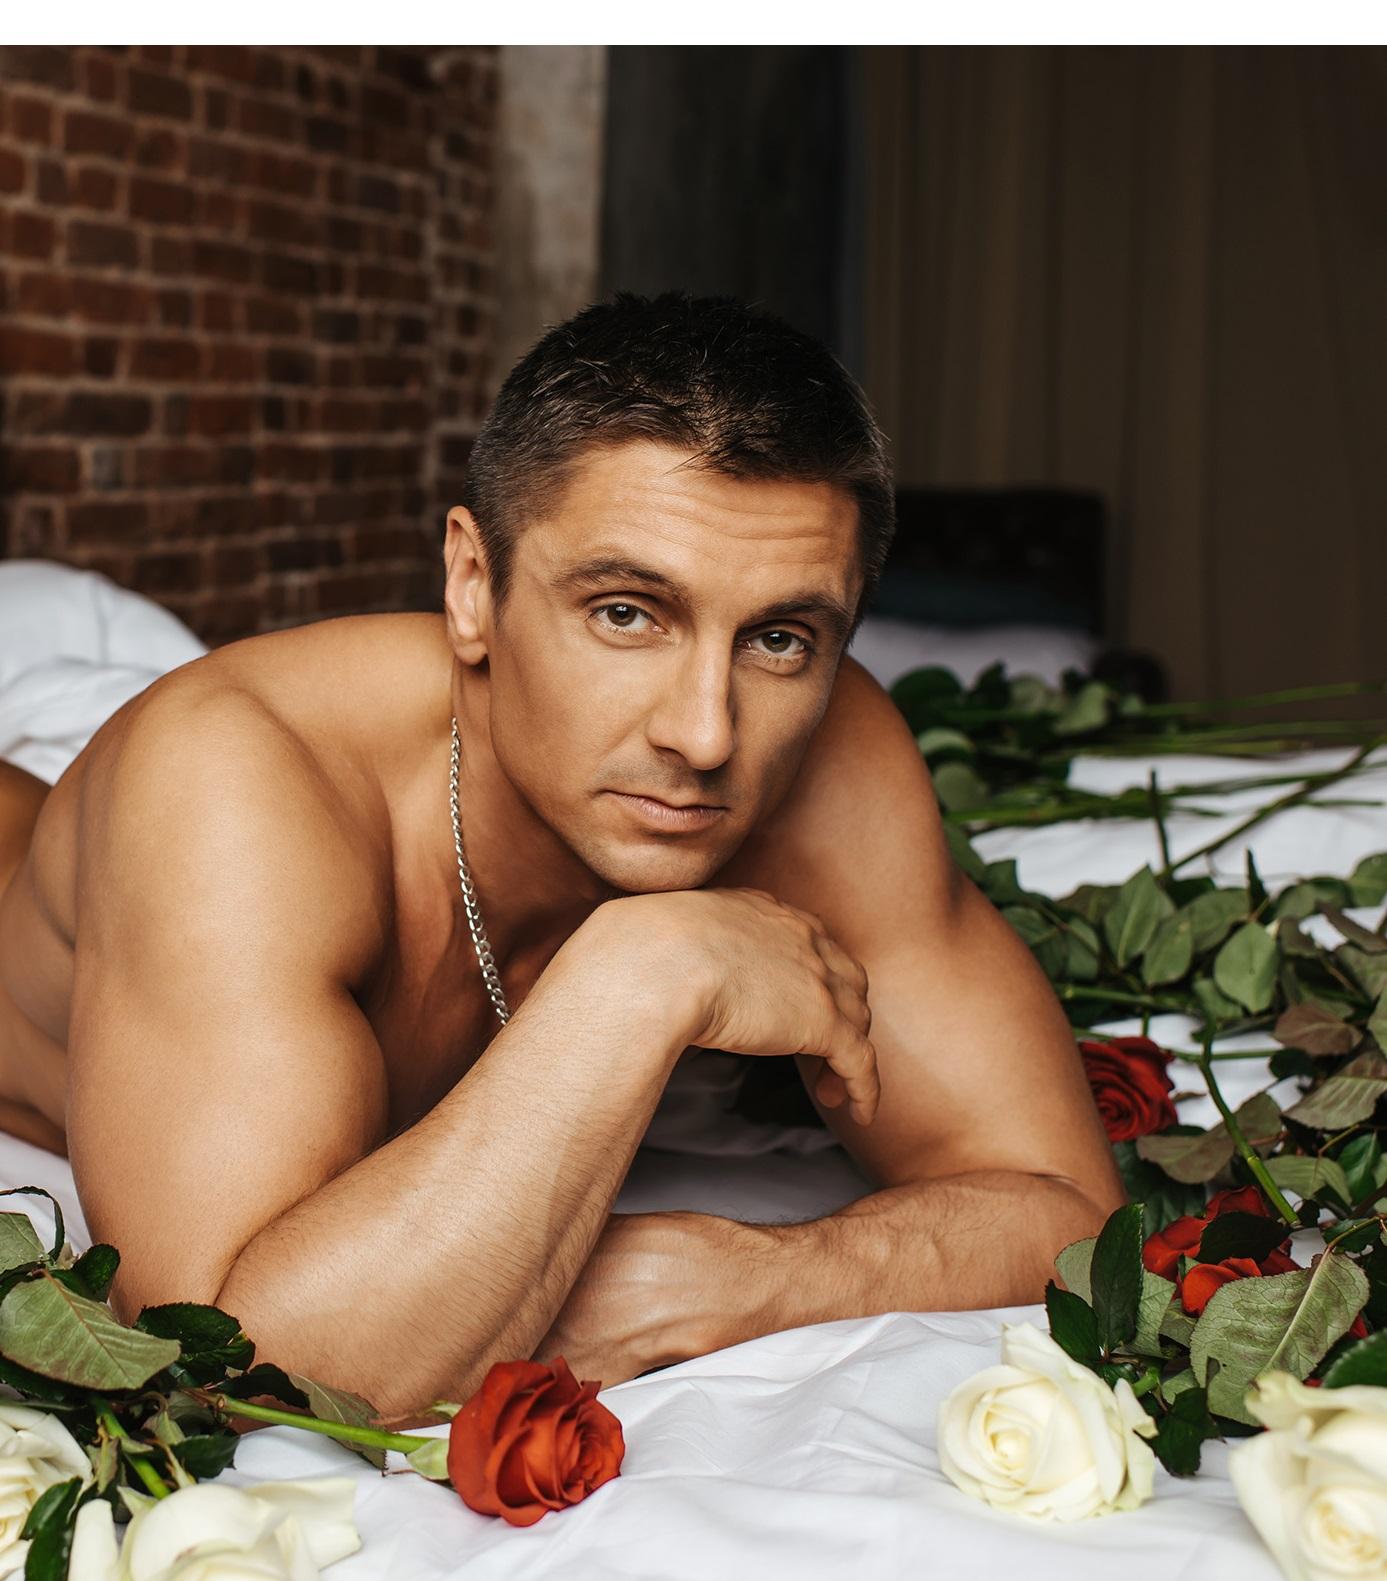 Сексуальные мужчины россии 1 фотография